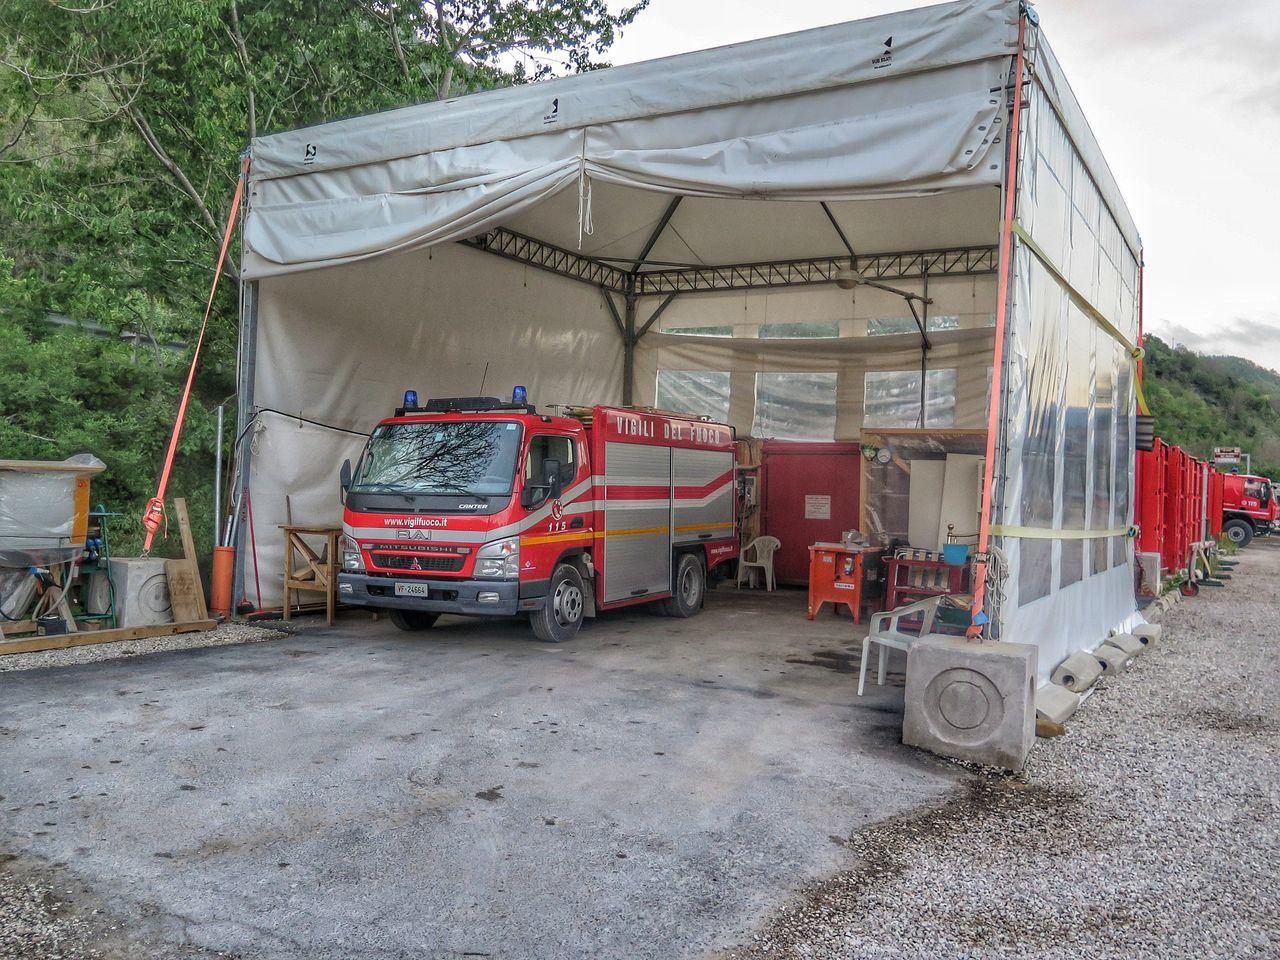 Arquata Del Tronto Italy Terremoto Marche Vvf Vigili Del Fuoco  Search And Rescue Earthquake Campsite Trucks Firefighters Italian Fireman Tragedy